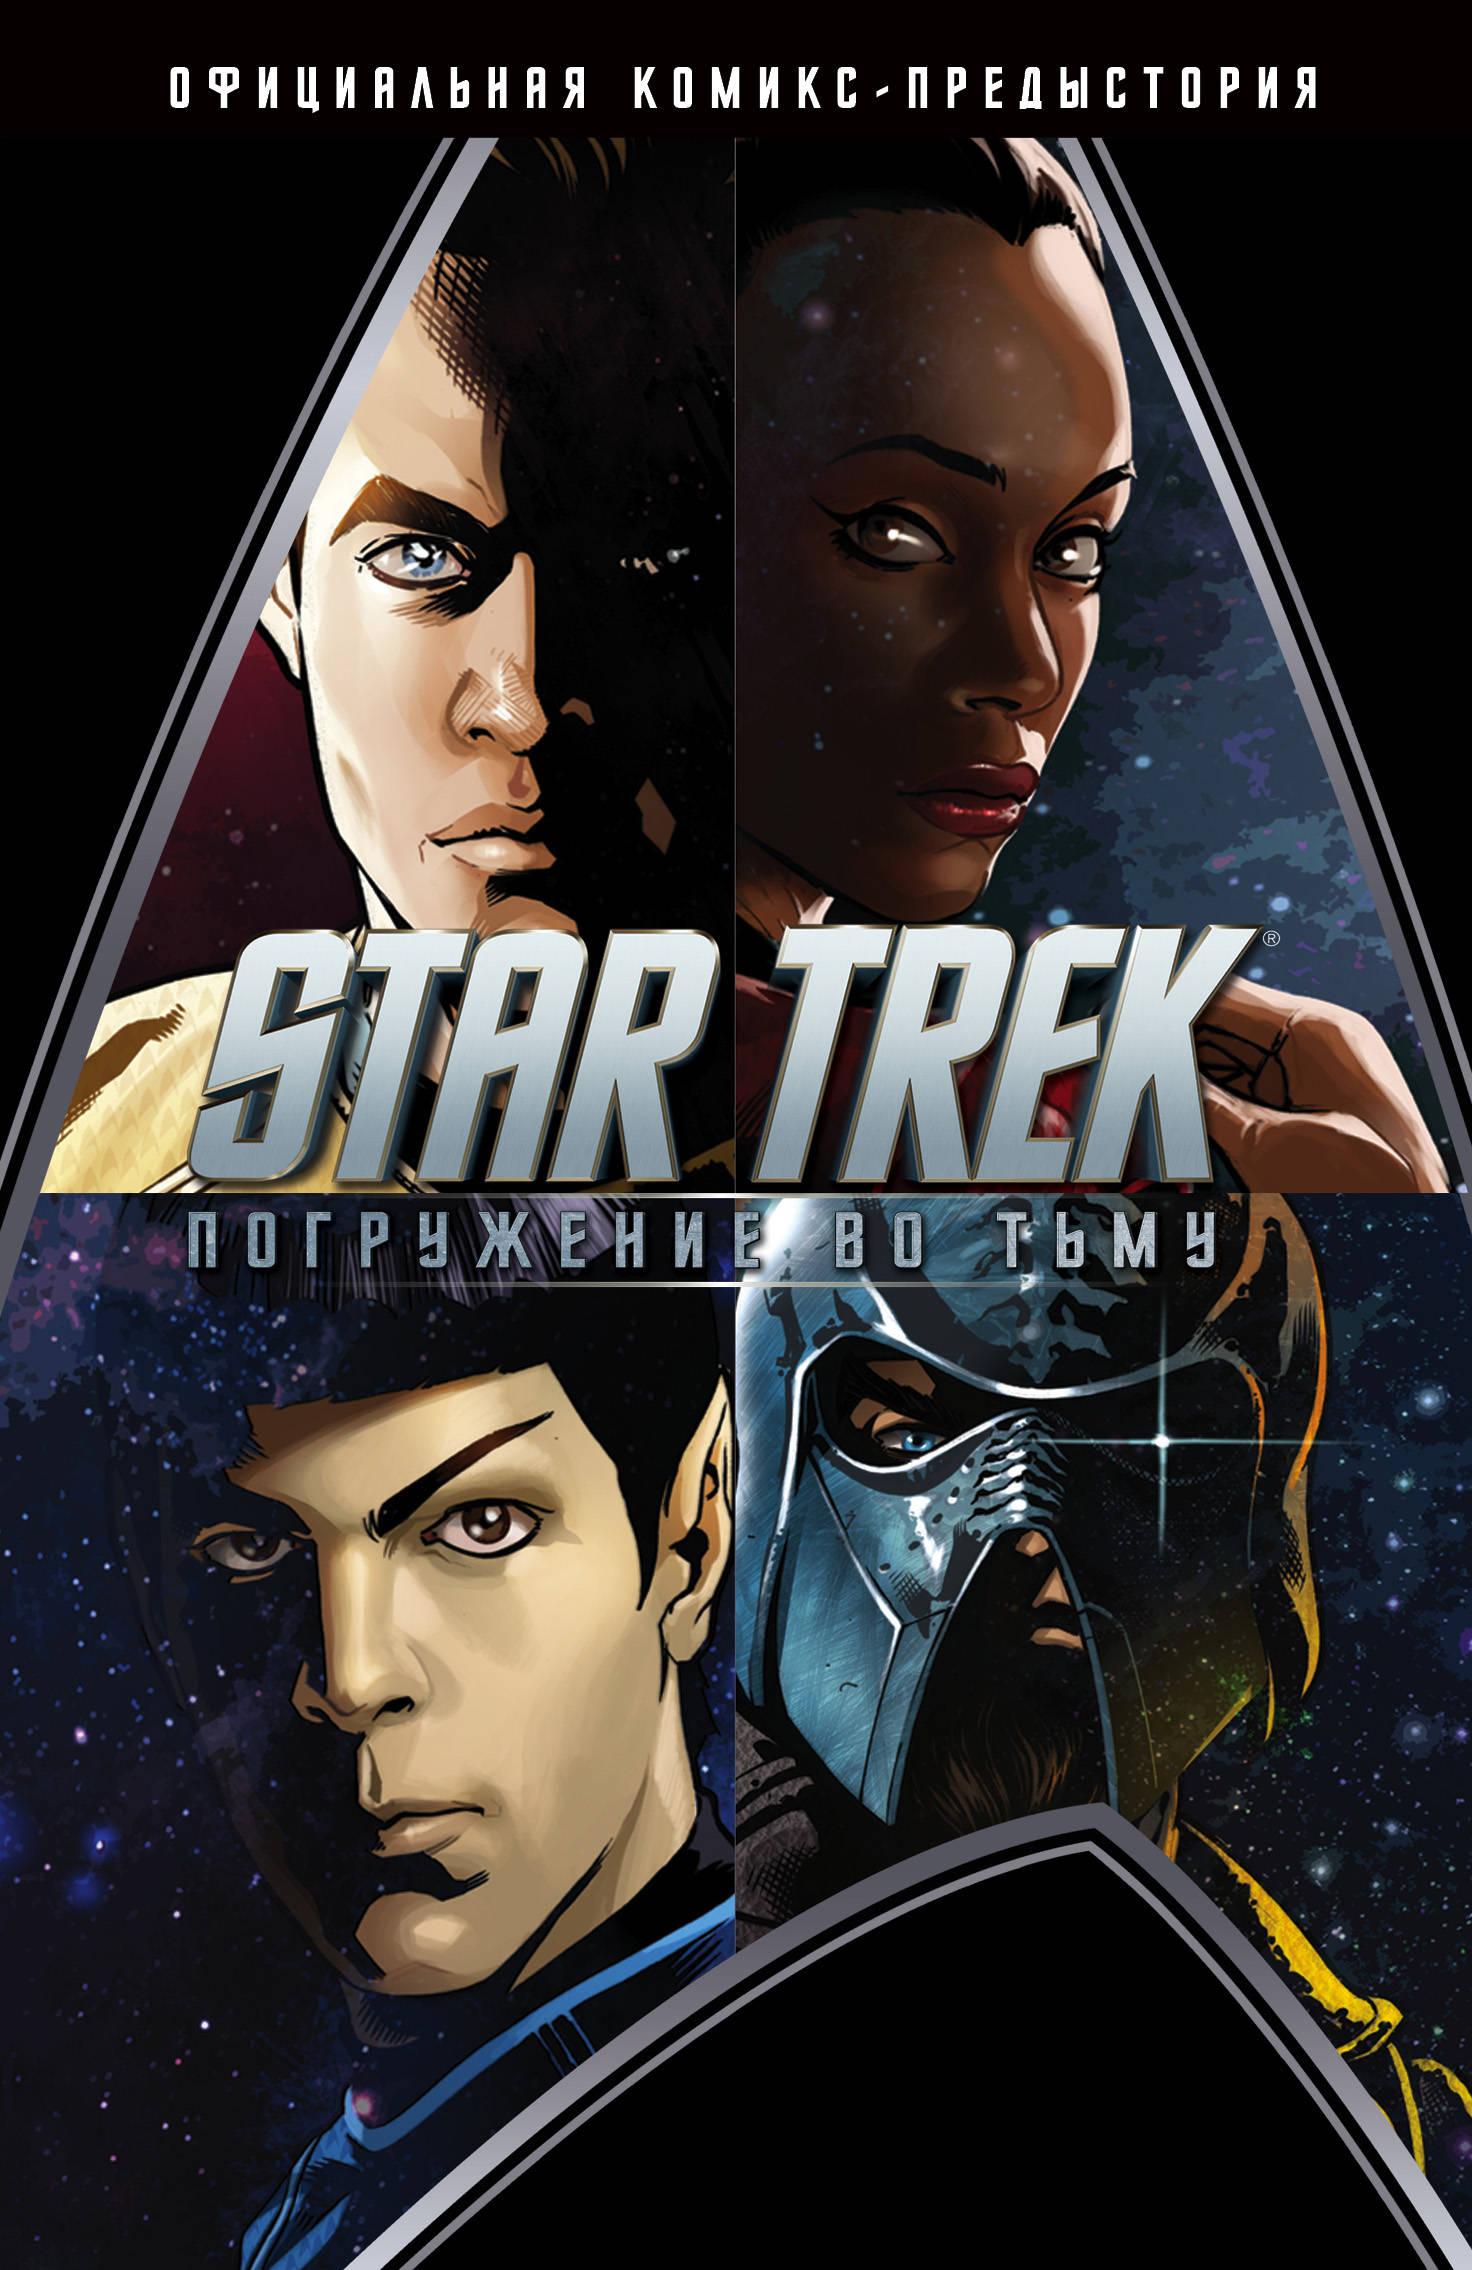 Star Trek. Погружение во тьму